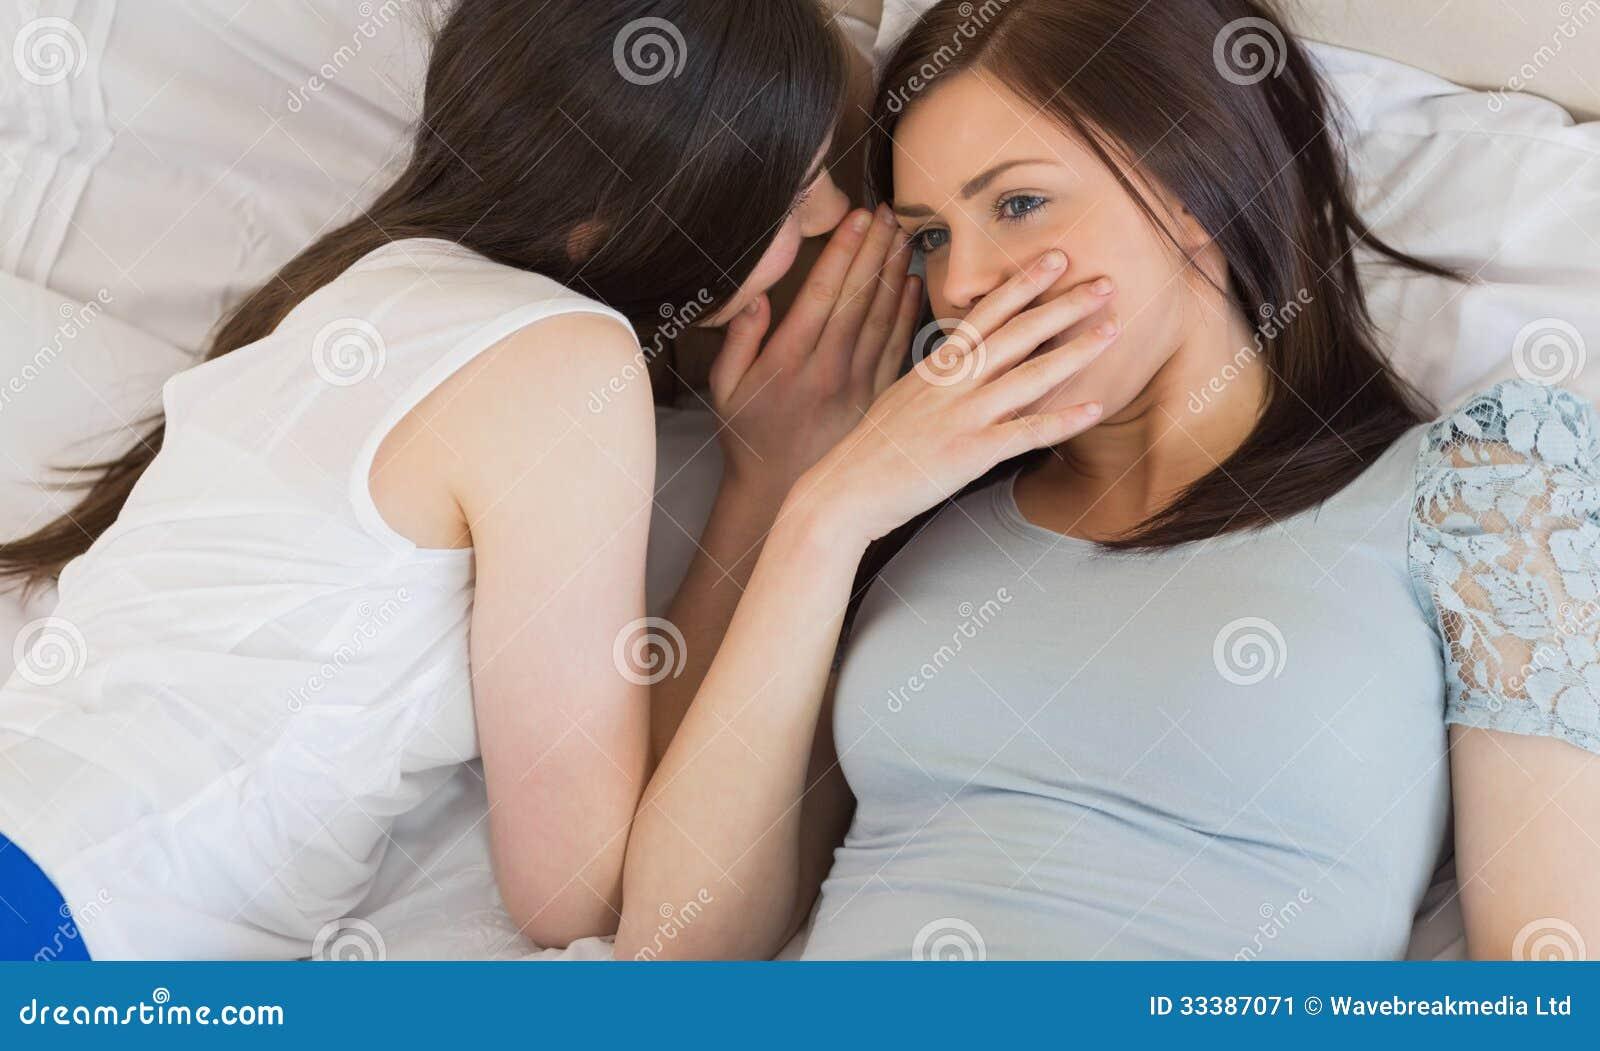 Фото две подружки в сперме, Фото сочных дырок подруги в сперме - Частные фото 23 фотография